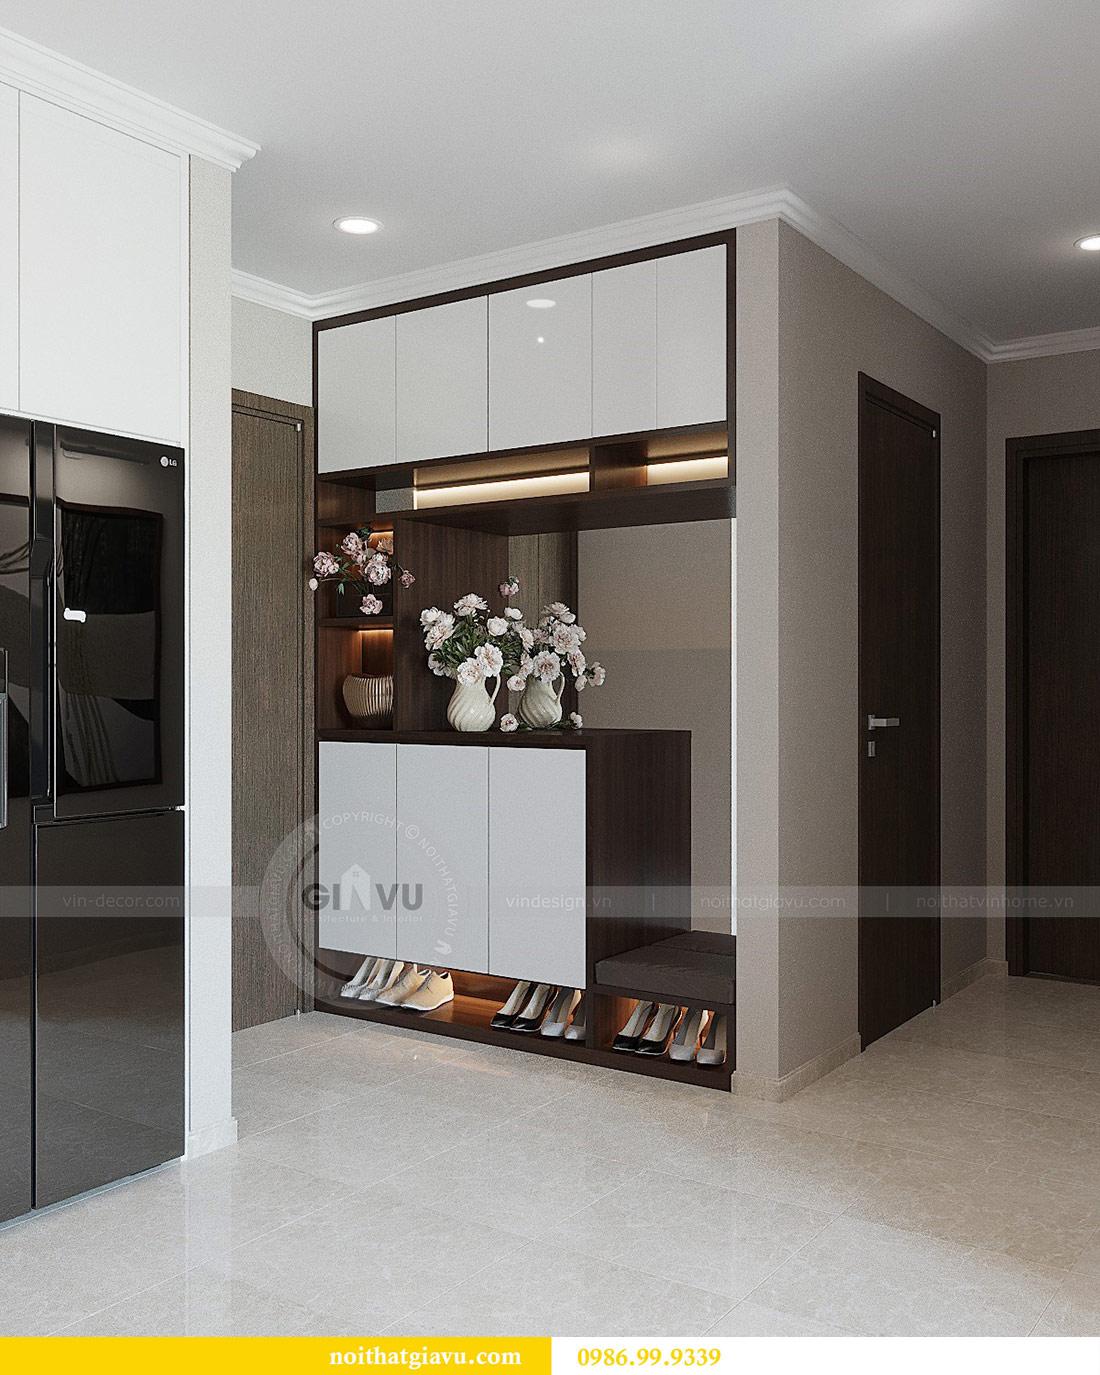 Thiết kế thi công nội thất Vinhomes Dcapitale tòa C1 căn 01 - anh Nam 1